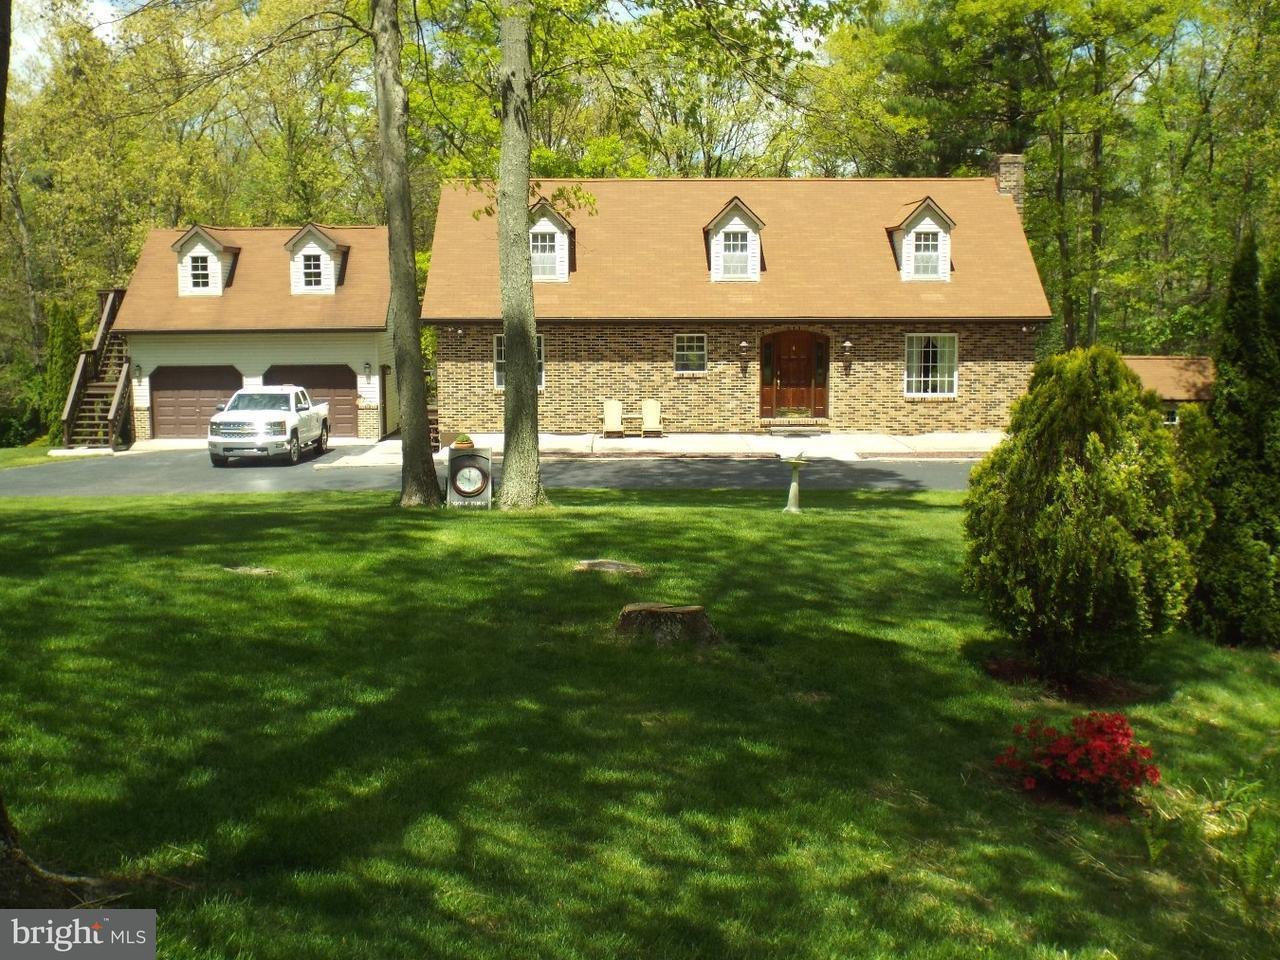 단독 가정 주택 용 매매 에 643 AIRPORT Road Ashland, 펜실바니아 17921 미국